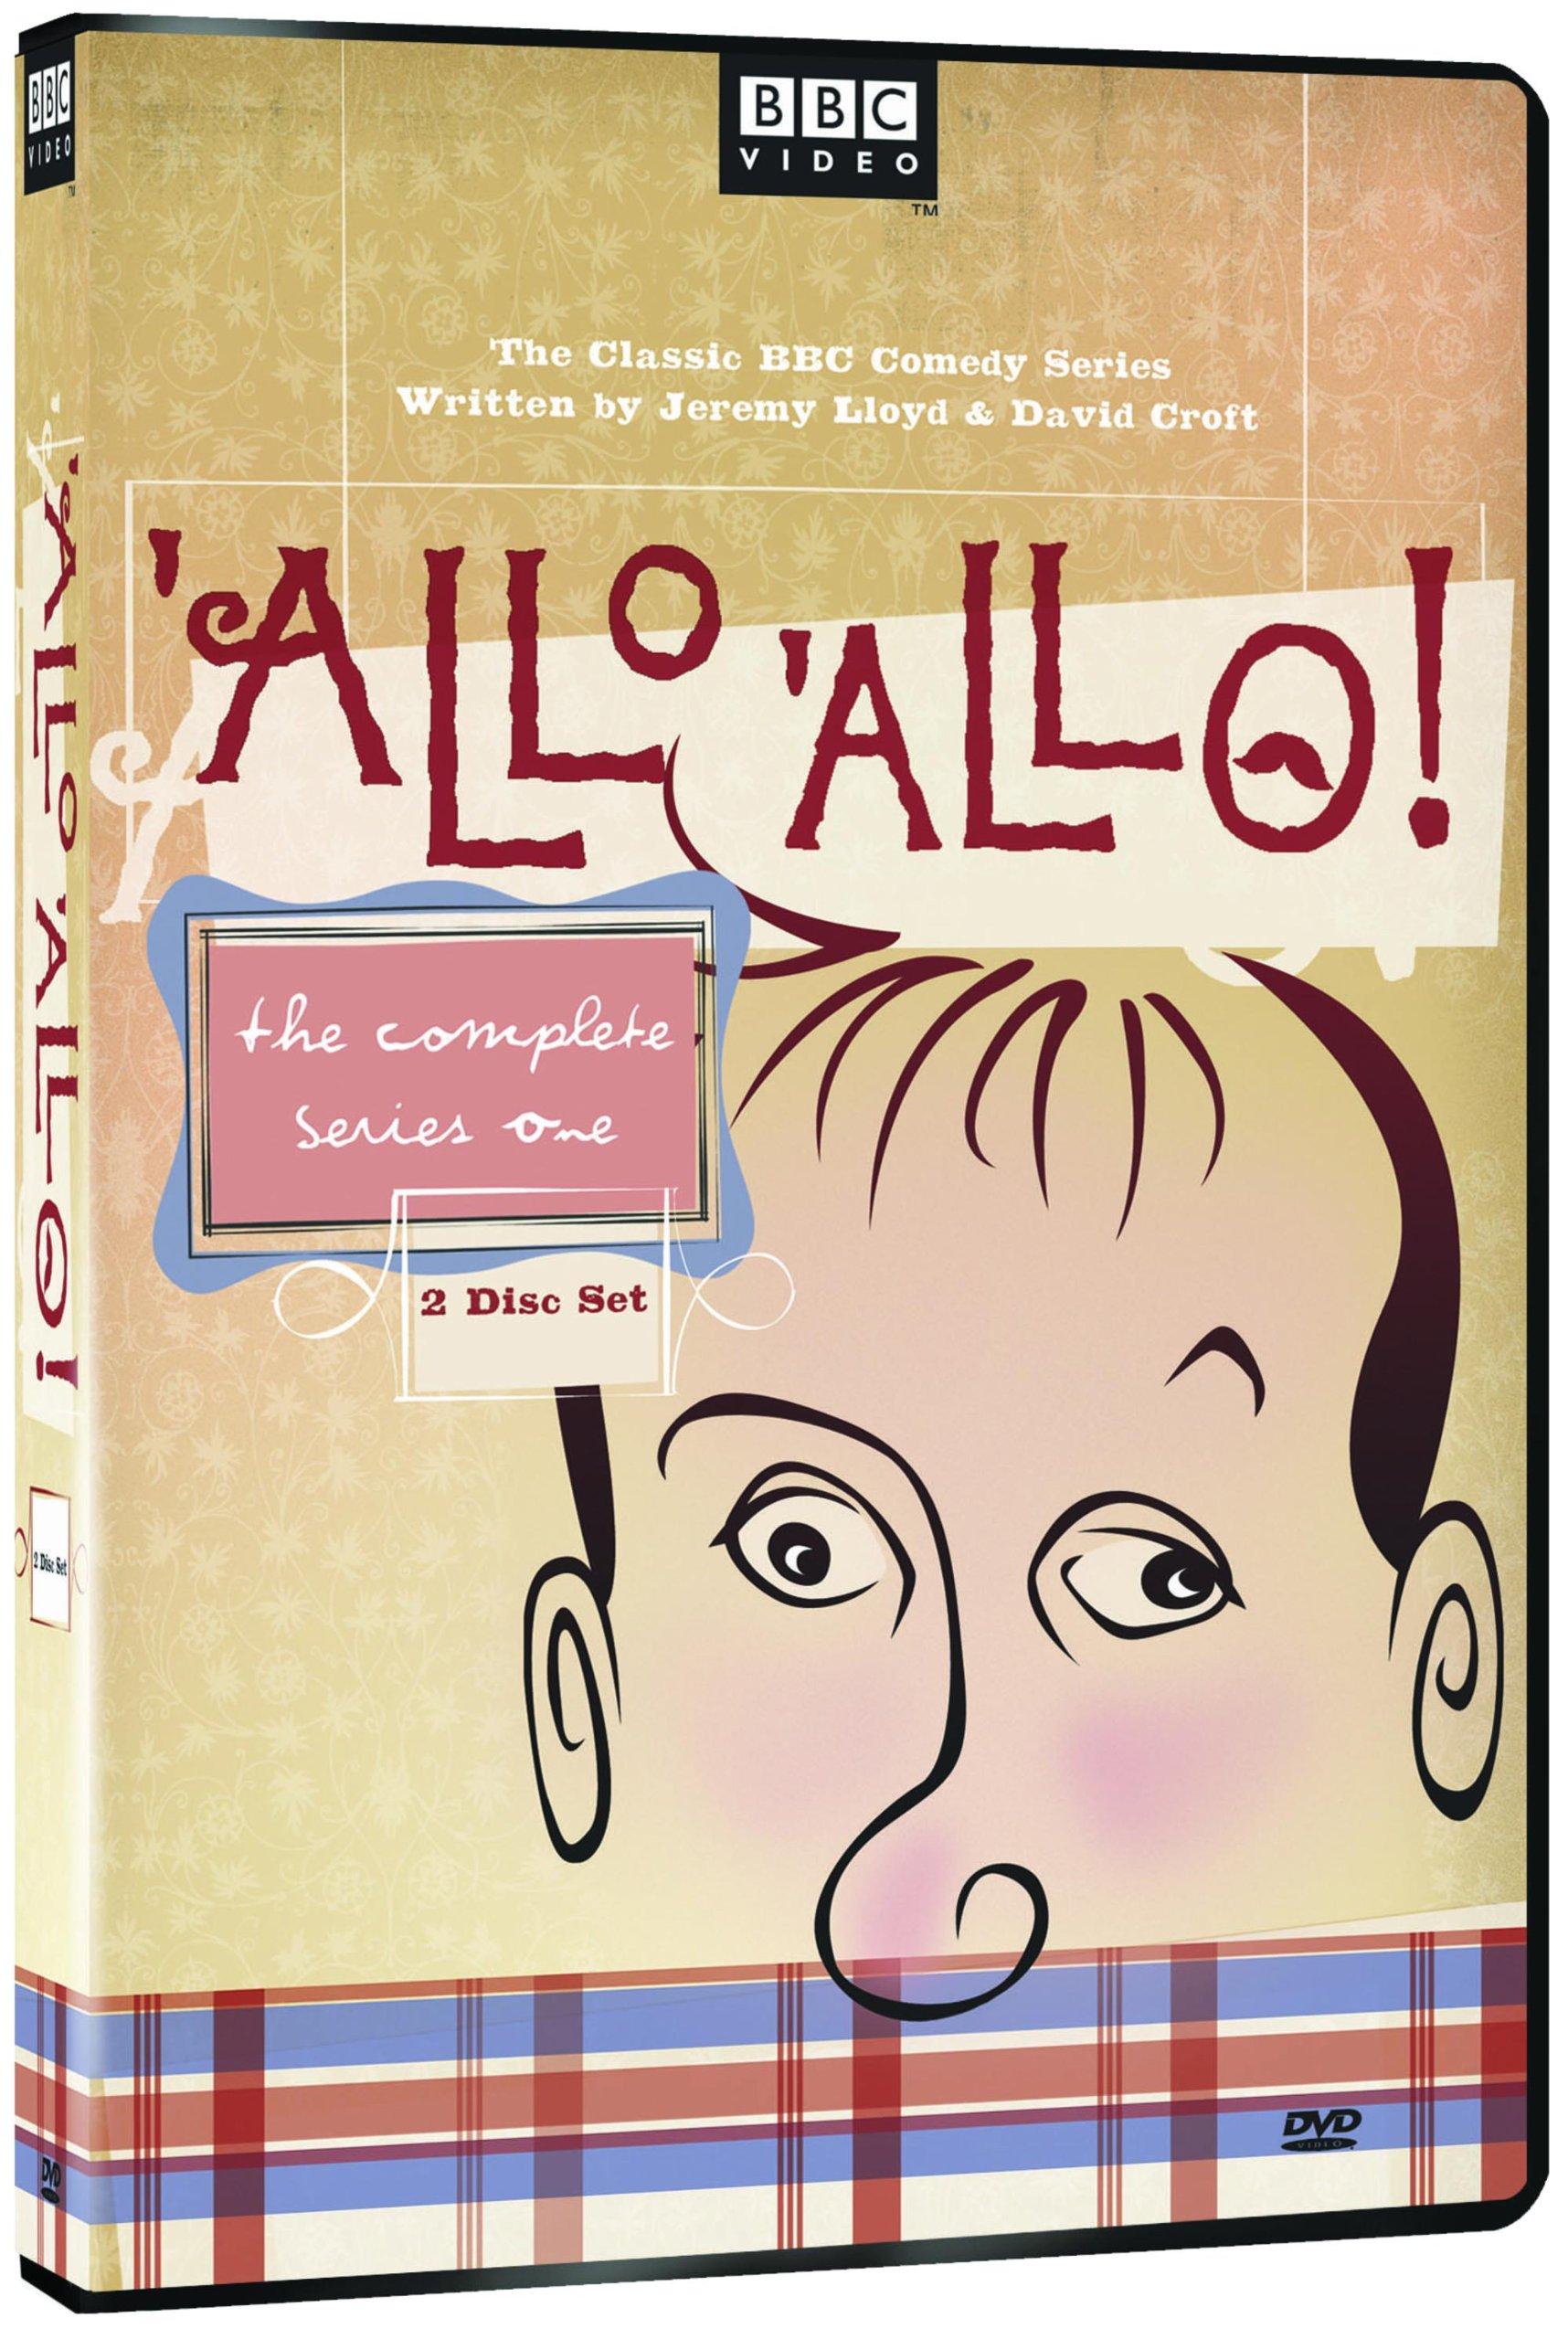 'Allo 'Allo - The Complete Series One